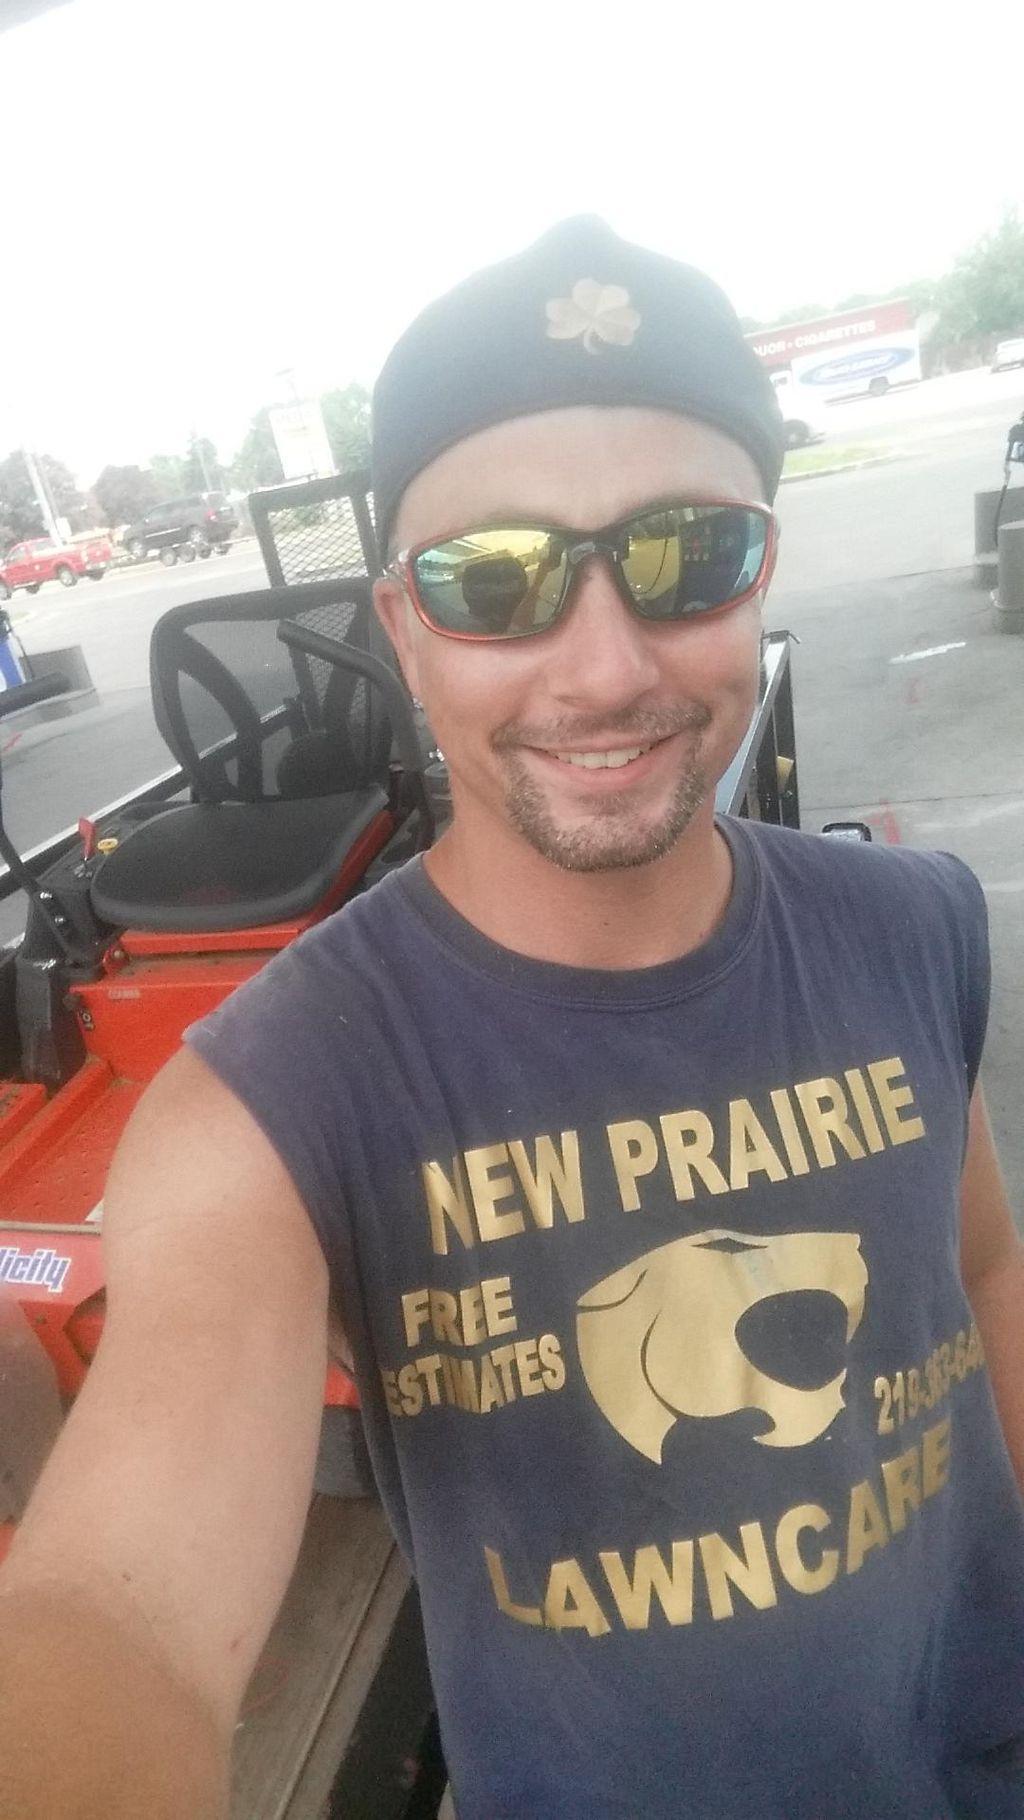 New Prairie Lawn Care